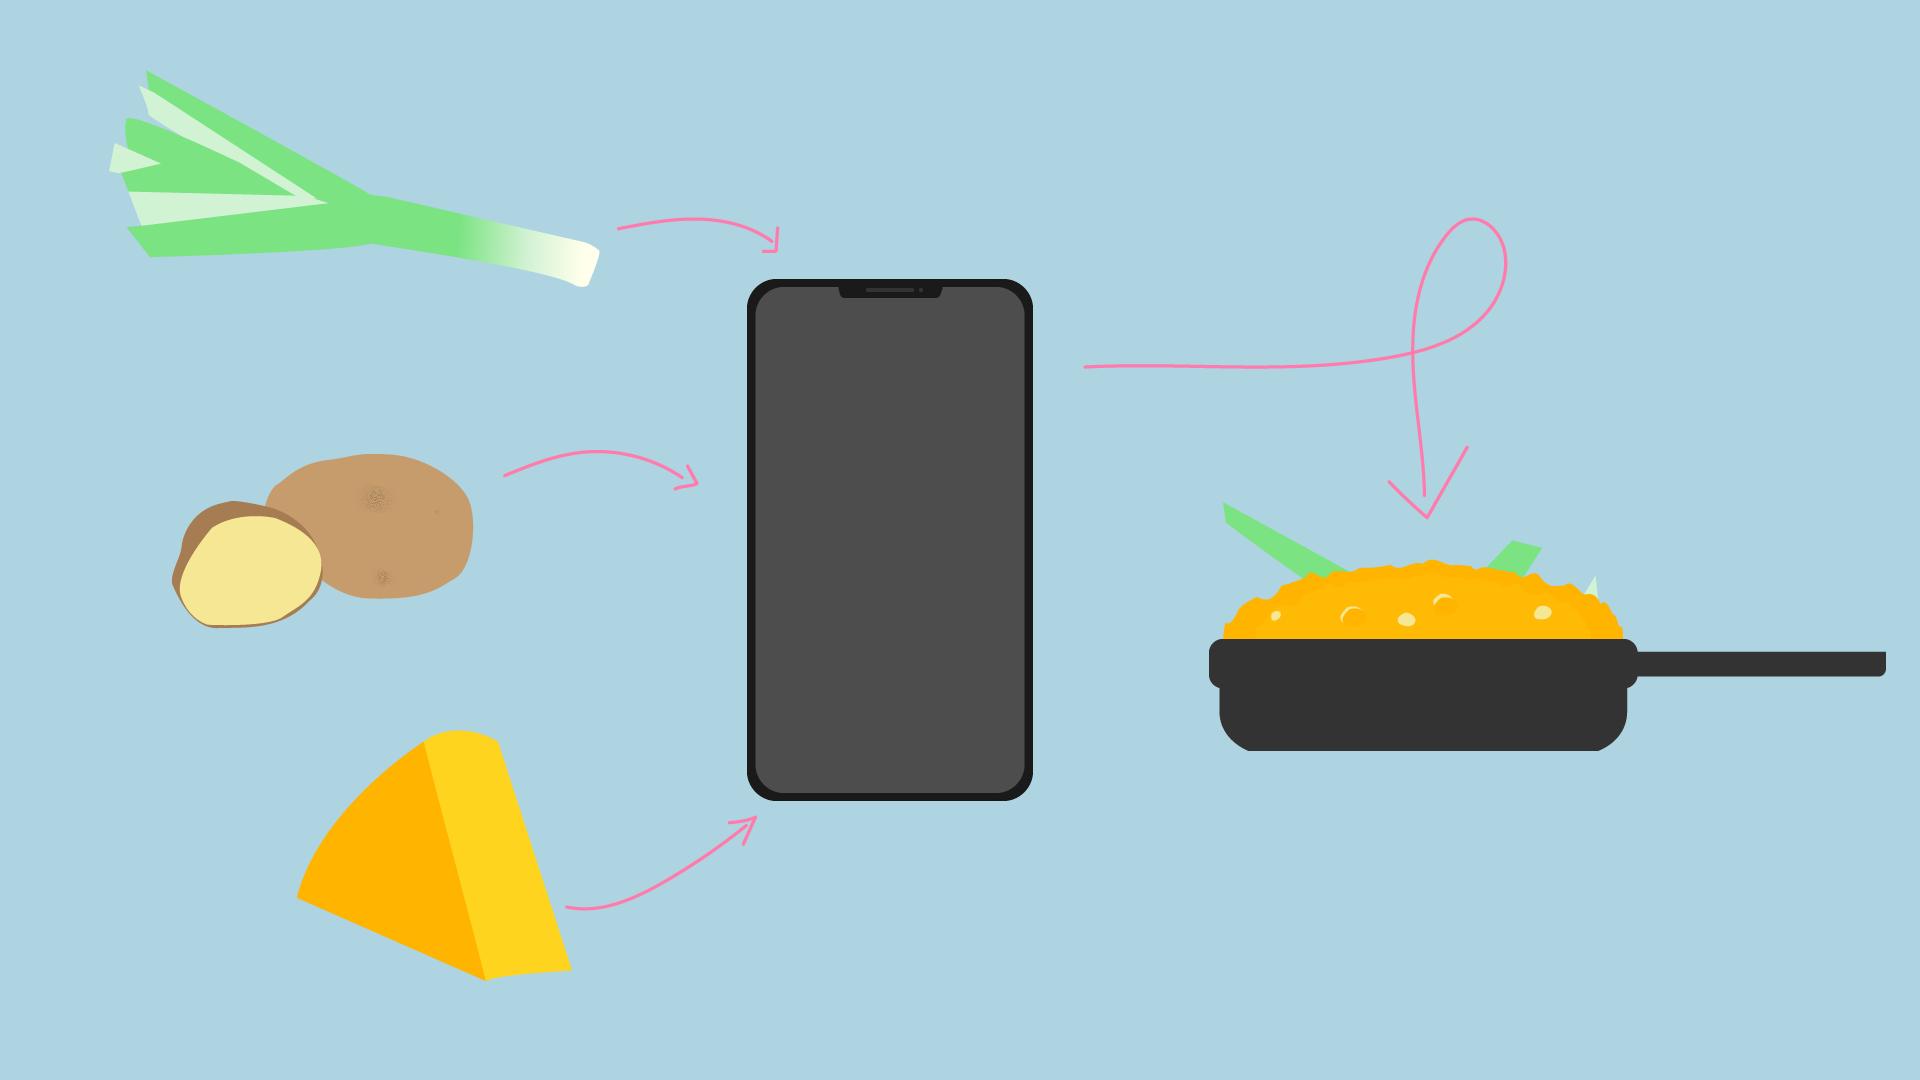 Ein Smartphone verwandelt übriggebliebene Lebensmittel in eine Mahlzeit